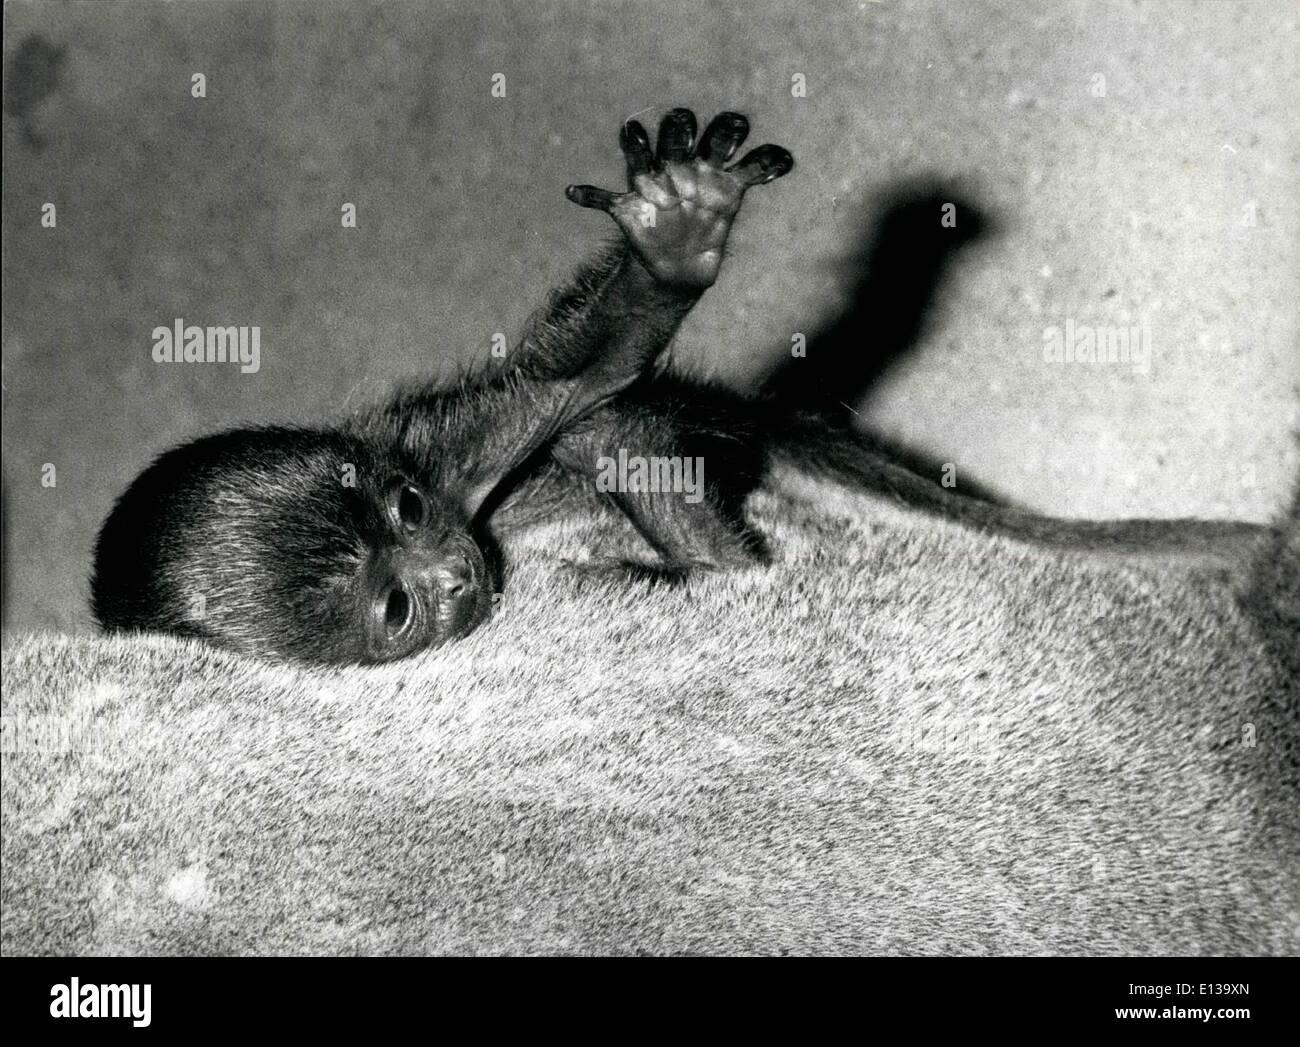 Febrero 29, 2012 - La primera visión de la vida: ''Darien'' quince días Wooltape, fotografiado en el Zoológico de Basilea, Suiza, toma su primera mirada en el nuevo mundo como se monta en la parte posterior de su madre. Imagen De Stock